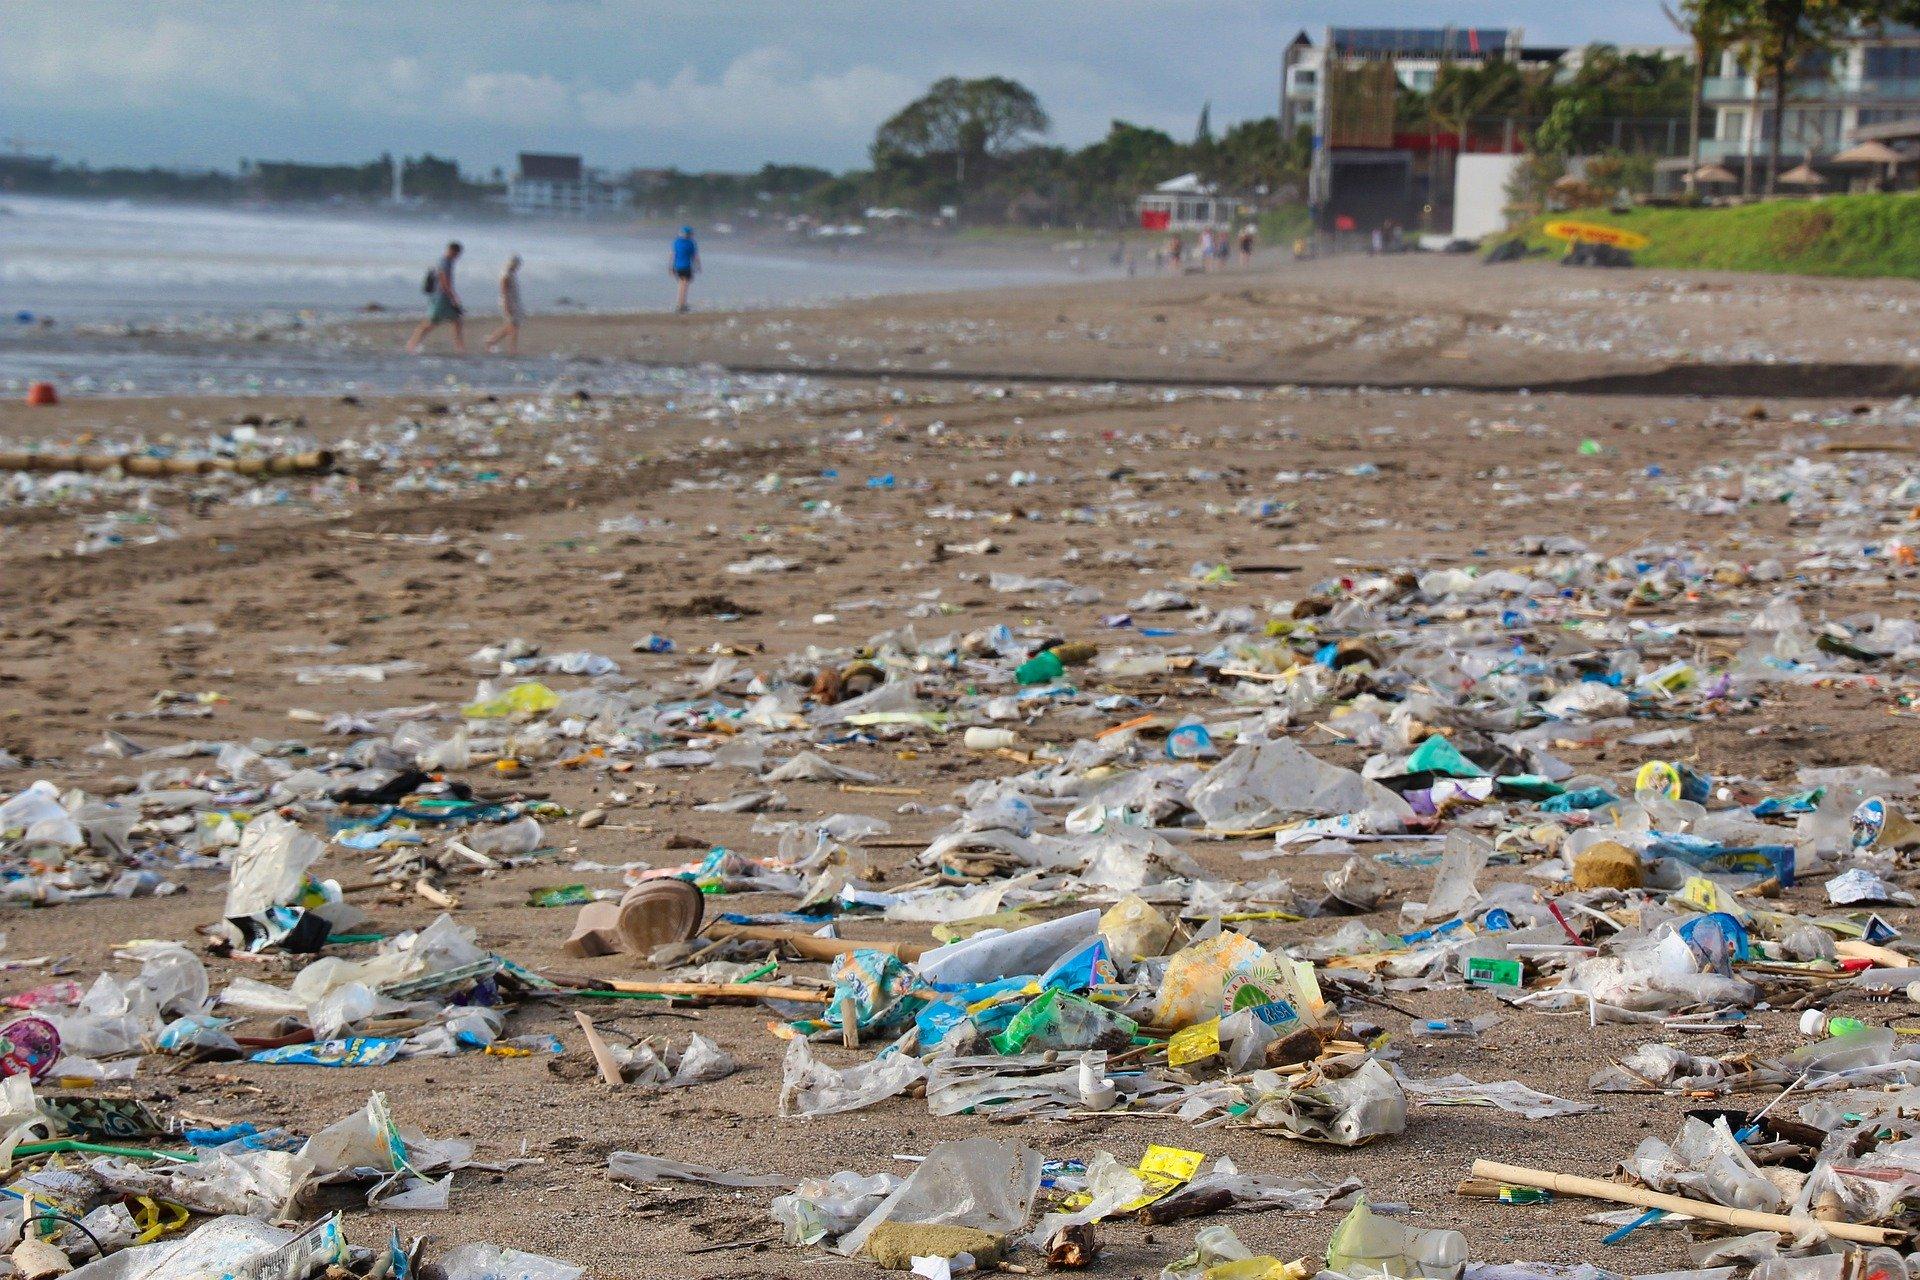 Sehr viel Plastikmüll liegt an einem Strand. Man kann kaum gehen, ohne auf Plastik zu treten. Im Hintergrund laufen ein paar Menschen. Rechts im Hintergrund ist ein Hotel zu sehen. Tourismus ist eines der Probleme, das der Runde Tisch Meeresmüll bespricht.